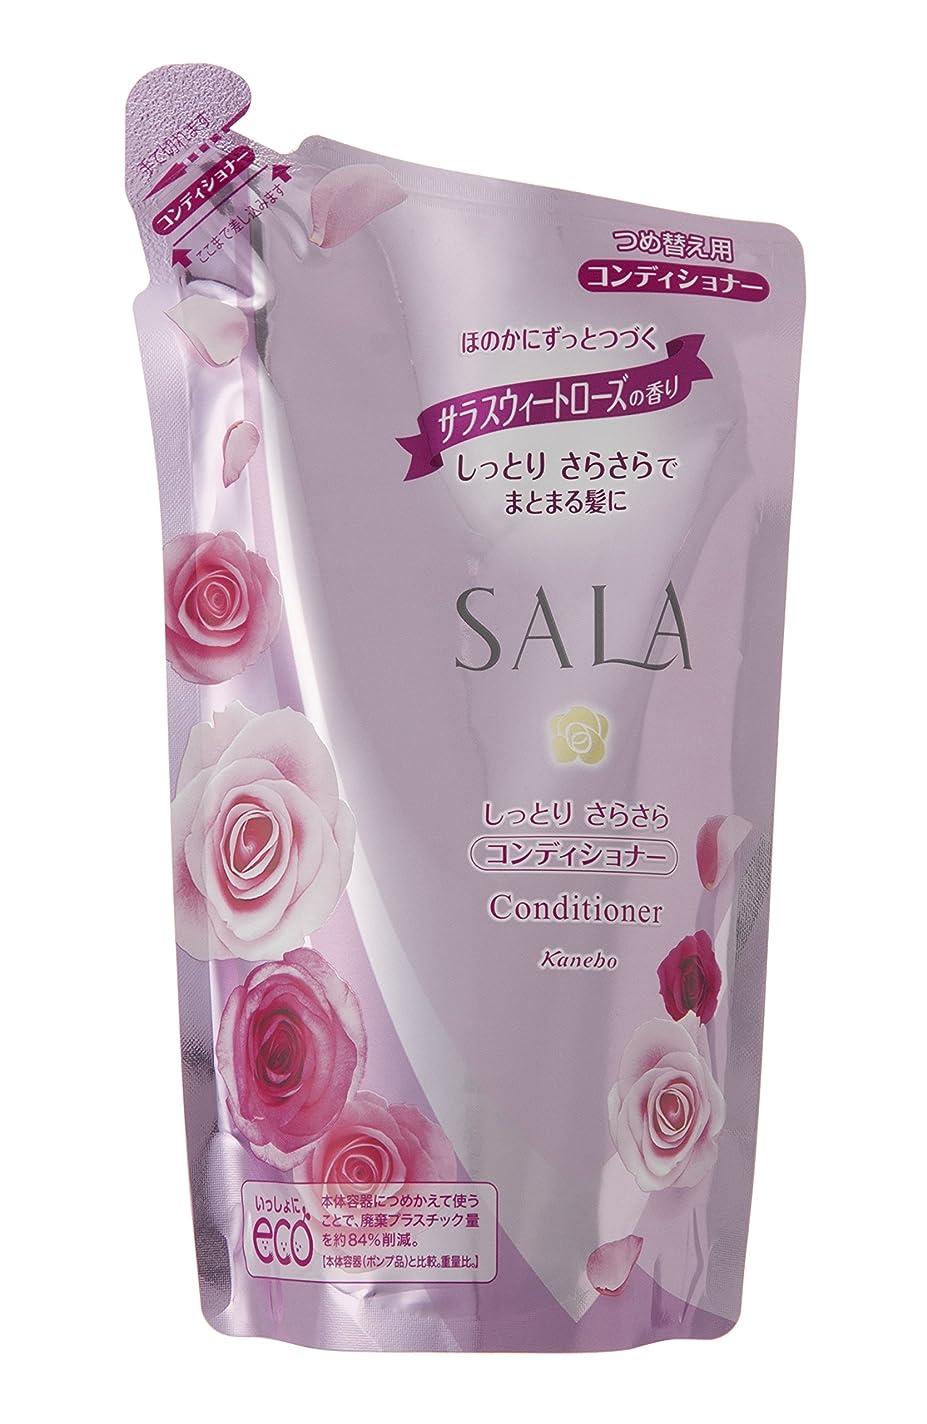 荒れ地検出するインスタンスサラ コンディショナー しっとりさらさら サラスウィートローズの香り